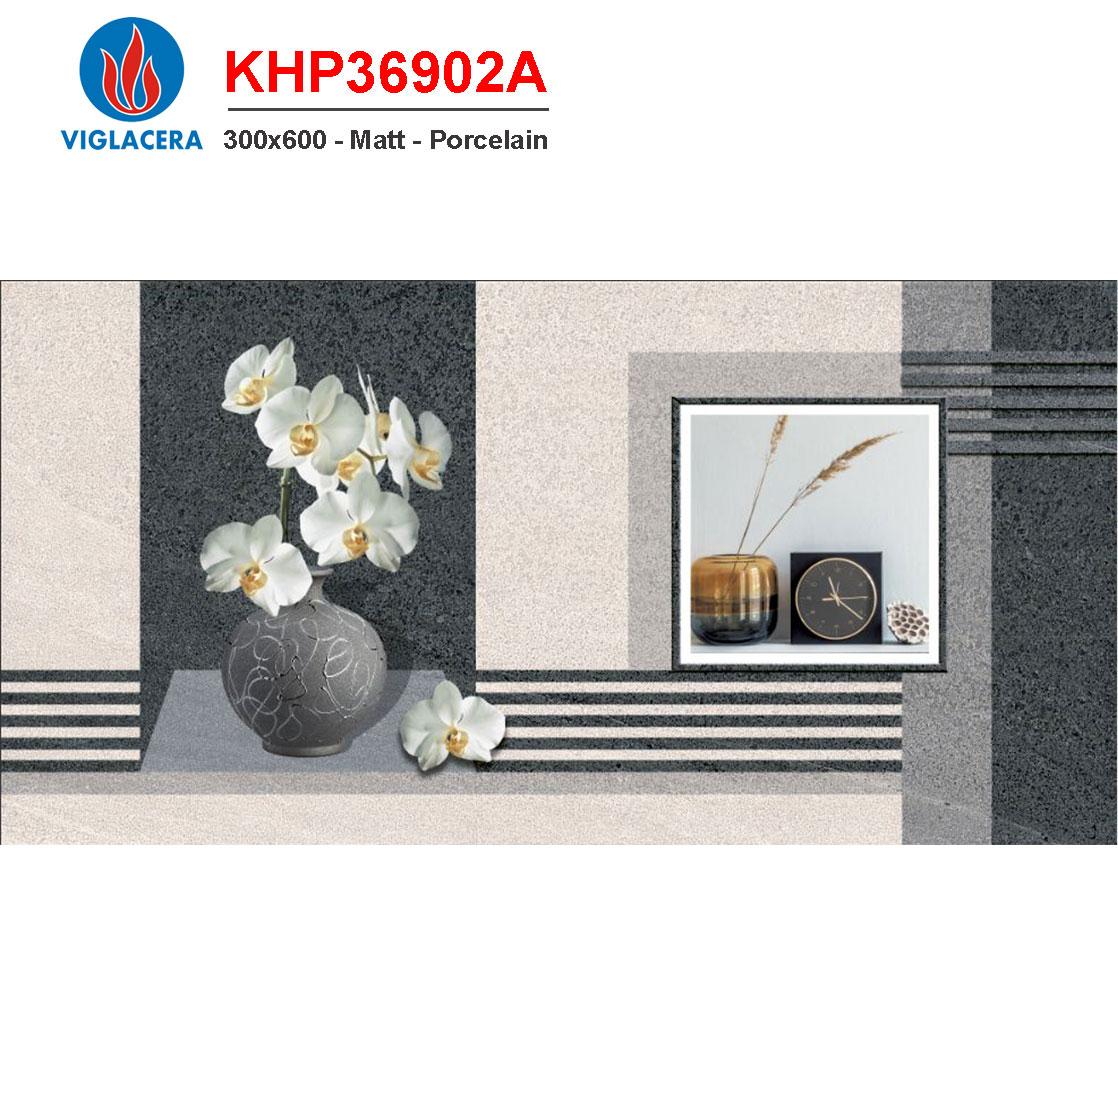 Gạch điểm 300x600 Viglacera KHP36902A giá rẻ